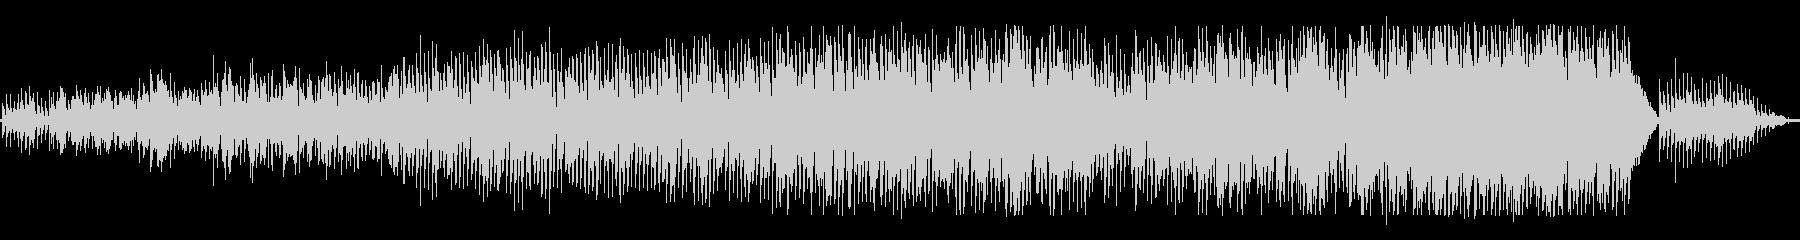 ピアノとブラス_ゆったり軽快なスウィングの未再生の波形